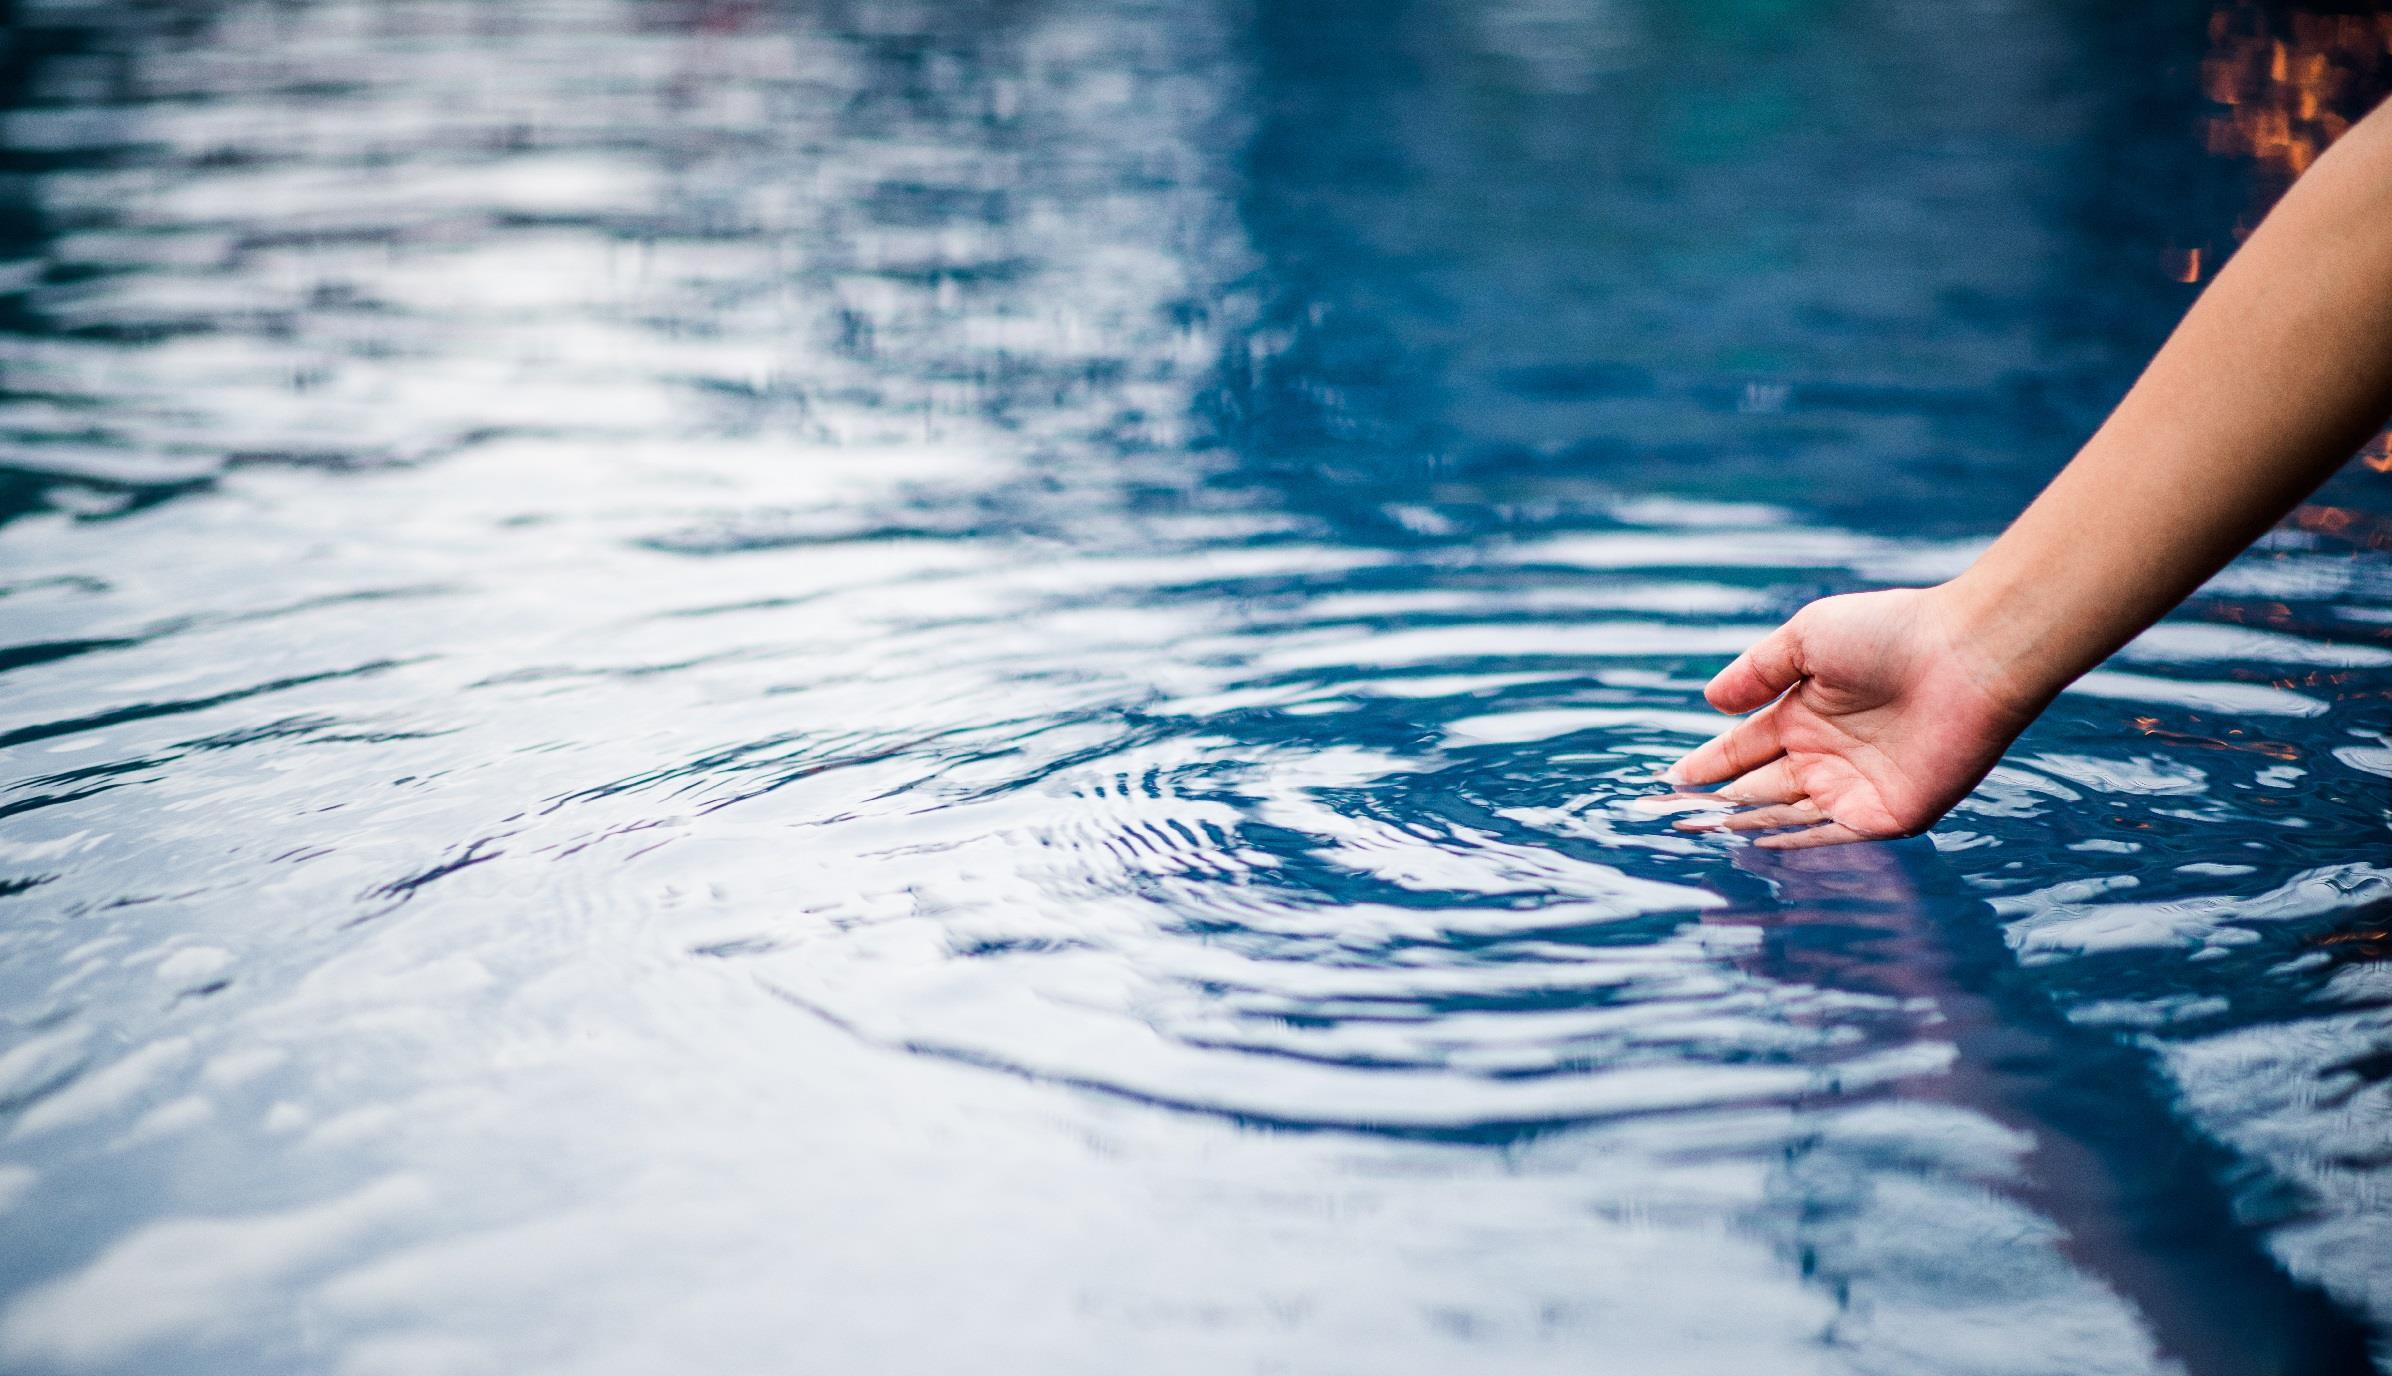 hand touching water